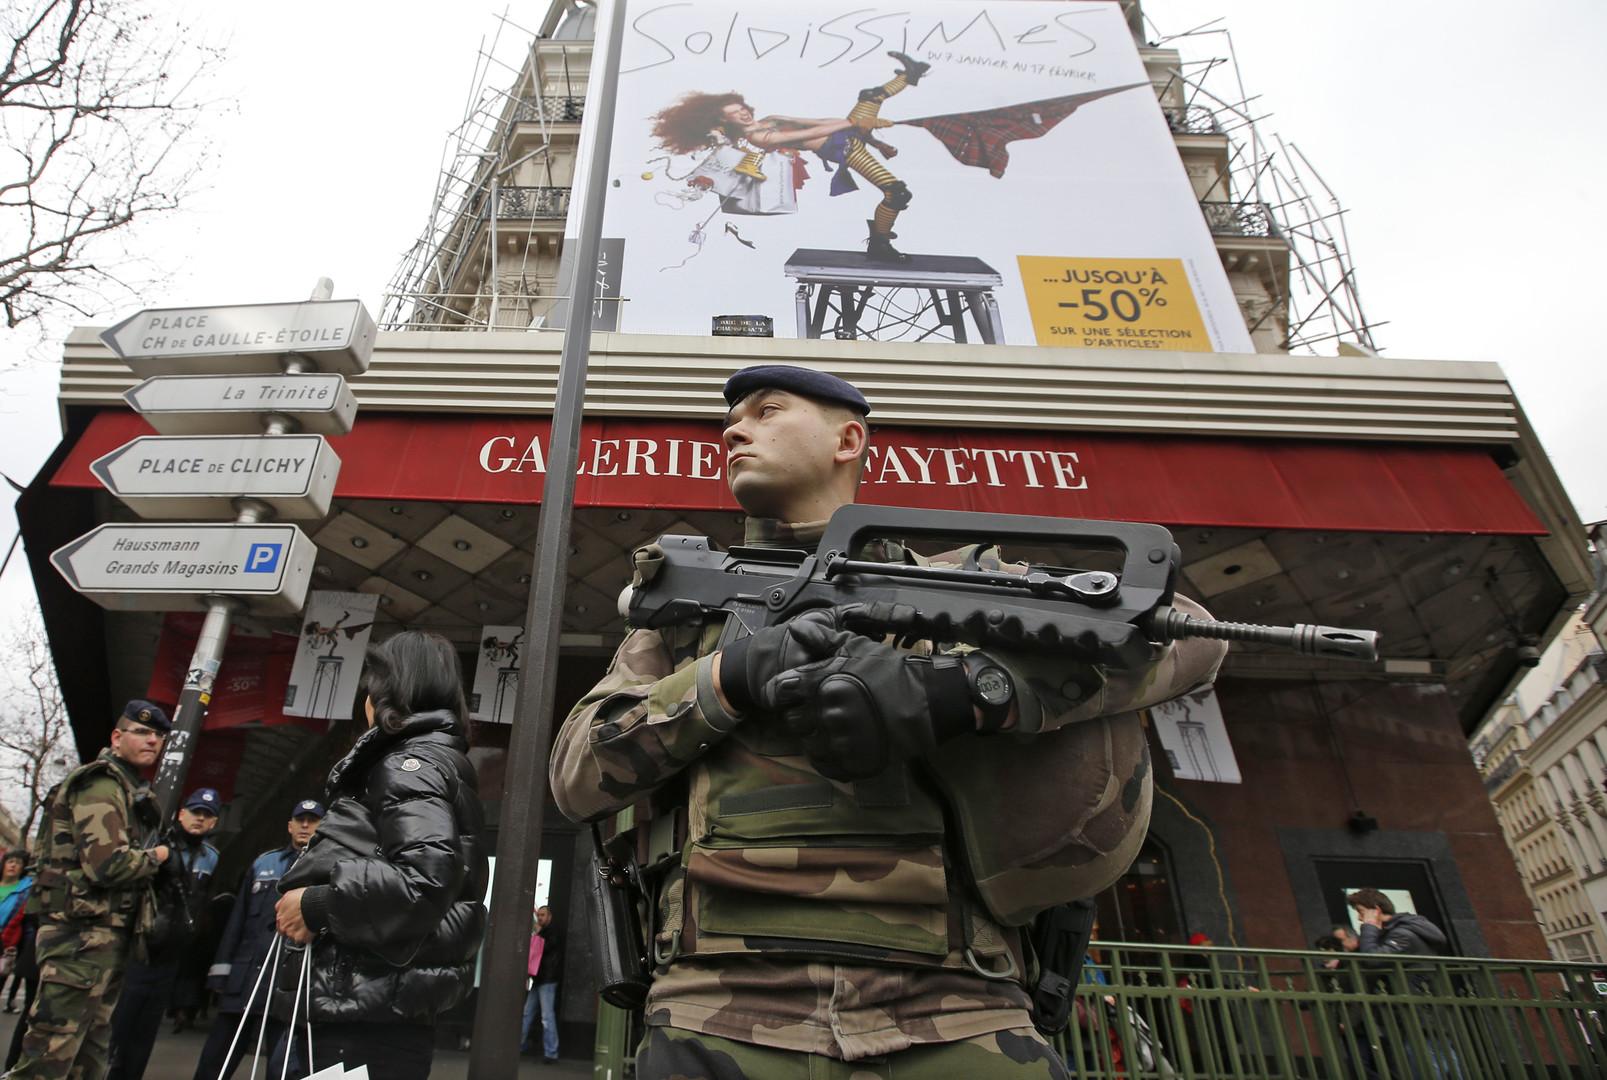 Источник: исполнители парижских терактов проникли в ЕС под видом беженцев